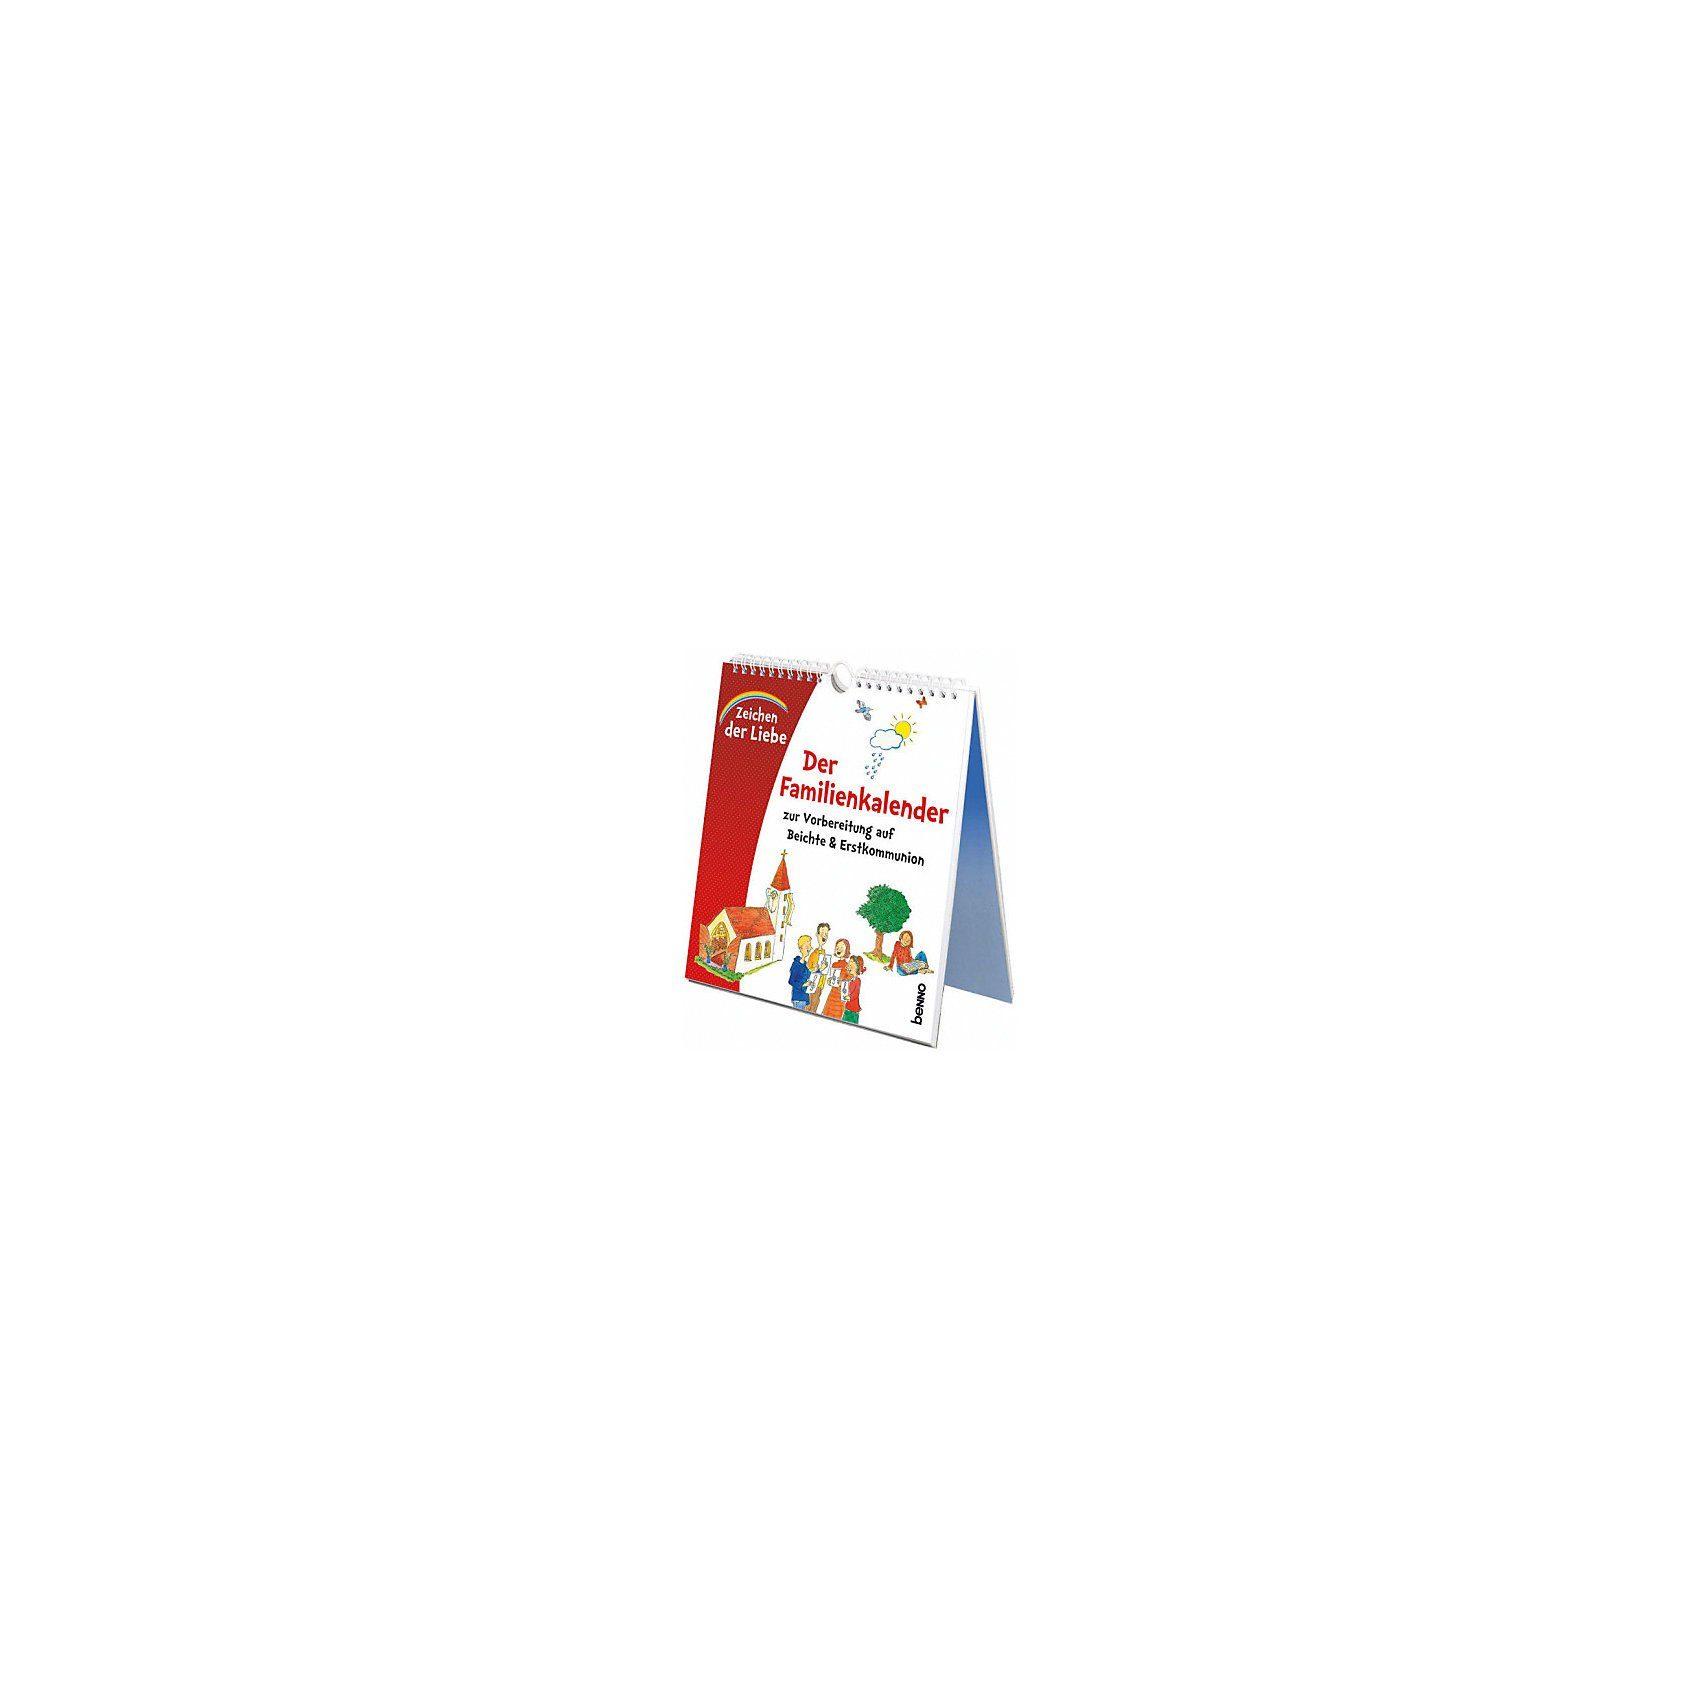 St. Benno Verlag Zeichen der Liebe, Der Familienkalender